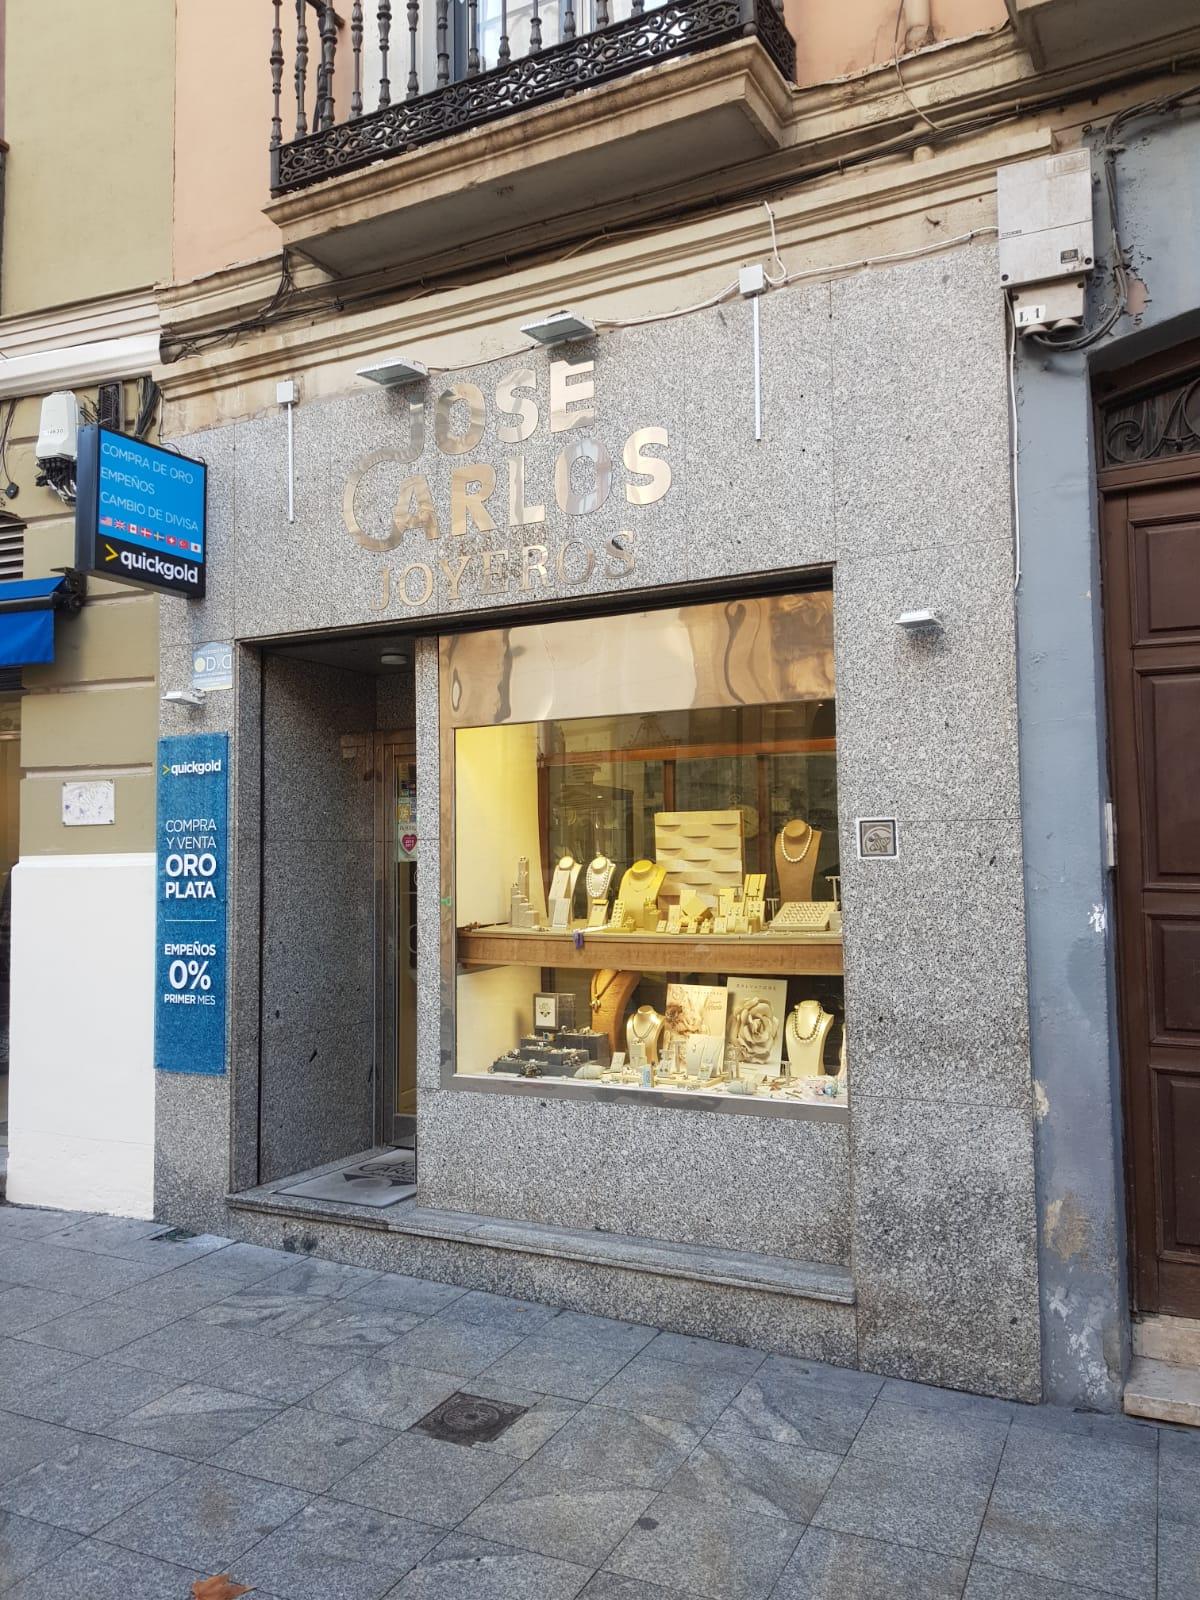 Tienda Quickgold Valladolid